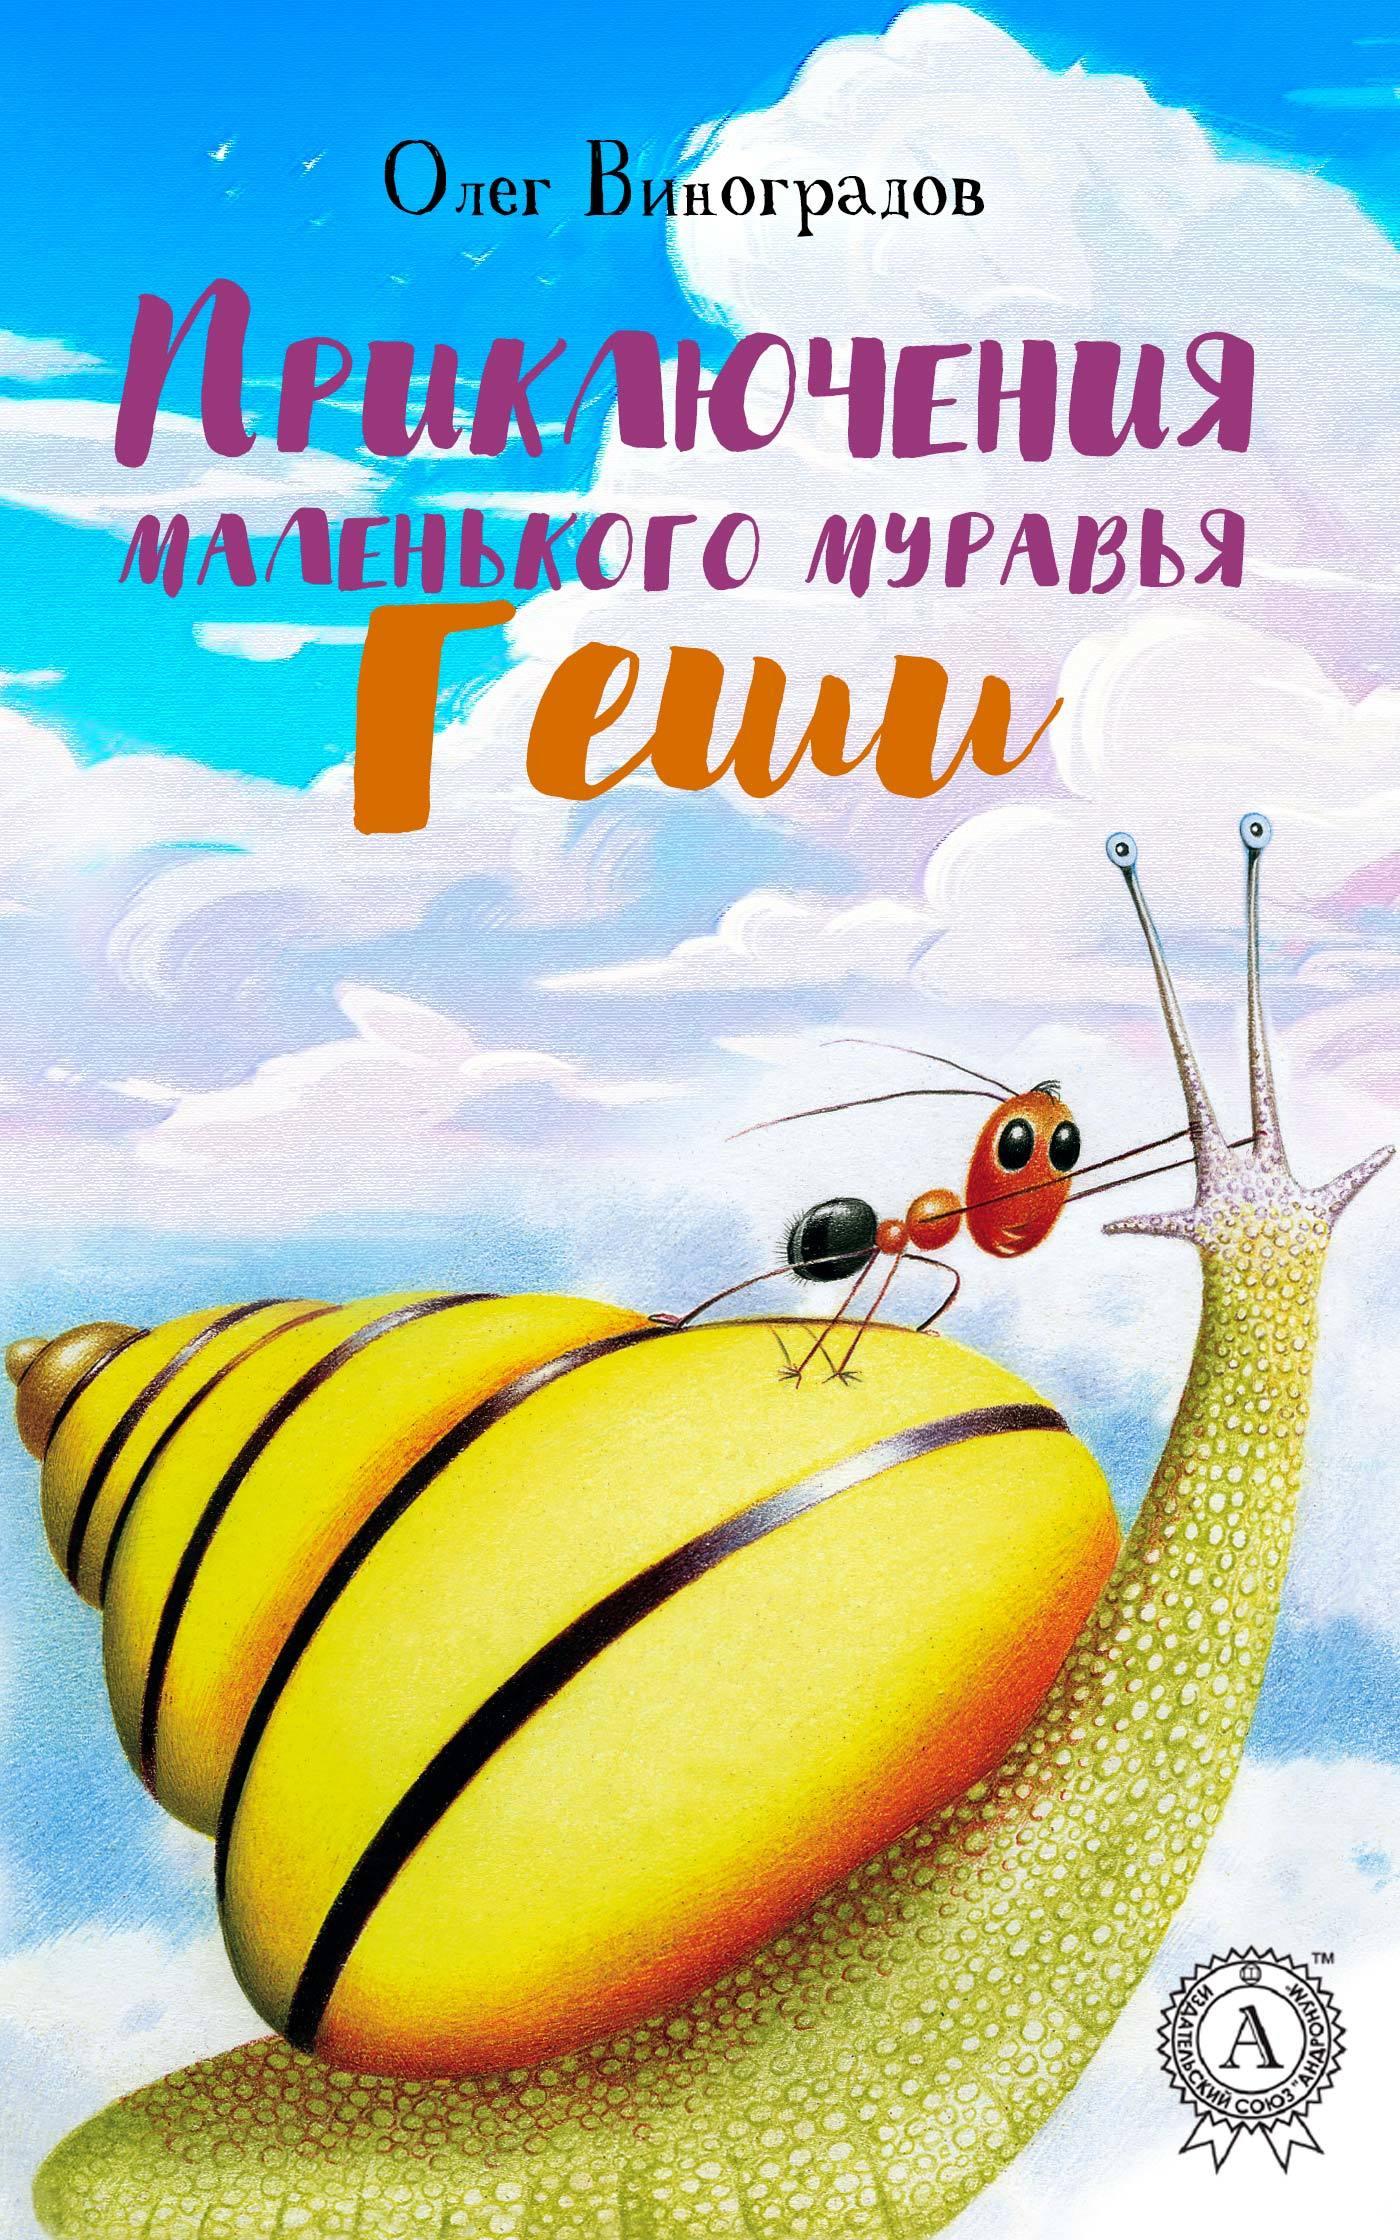 Олег Виноградов Приключения маленького муравья Геши путешествие муравья скачать